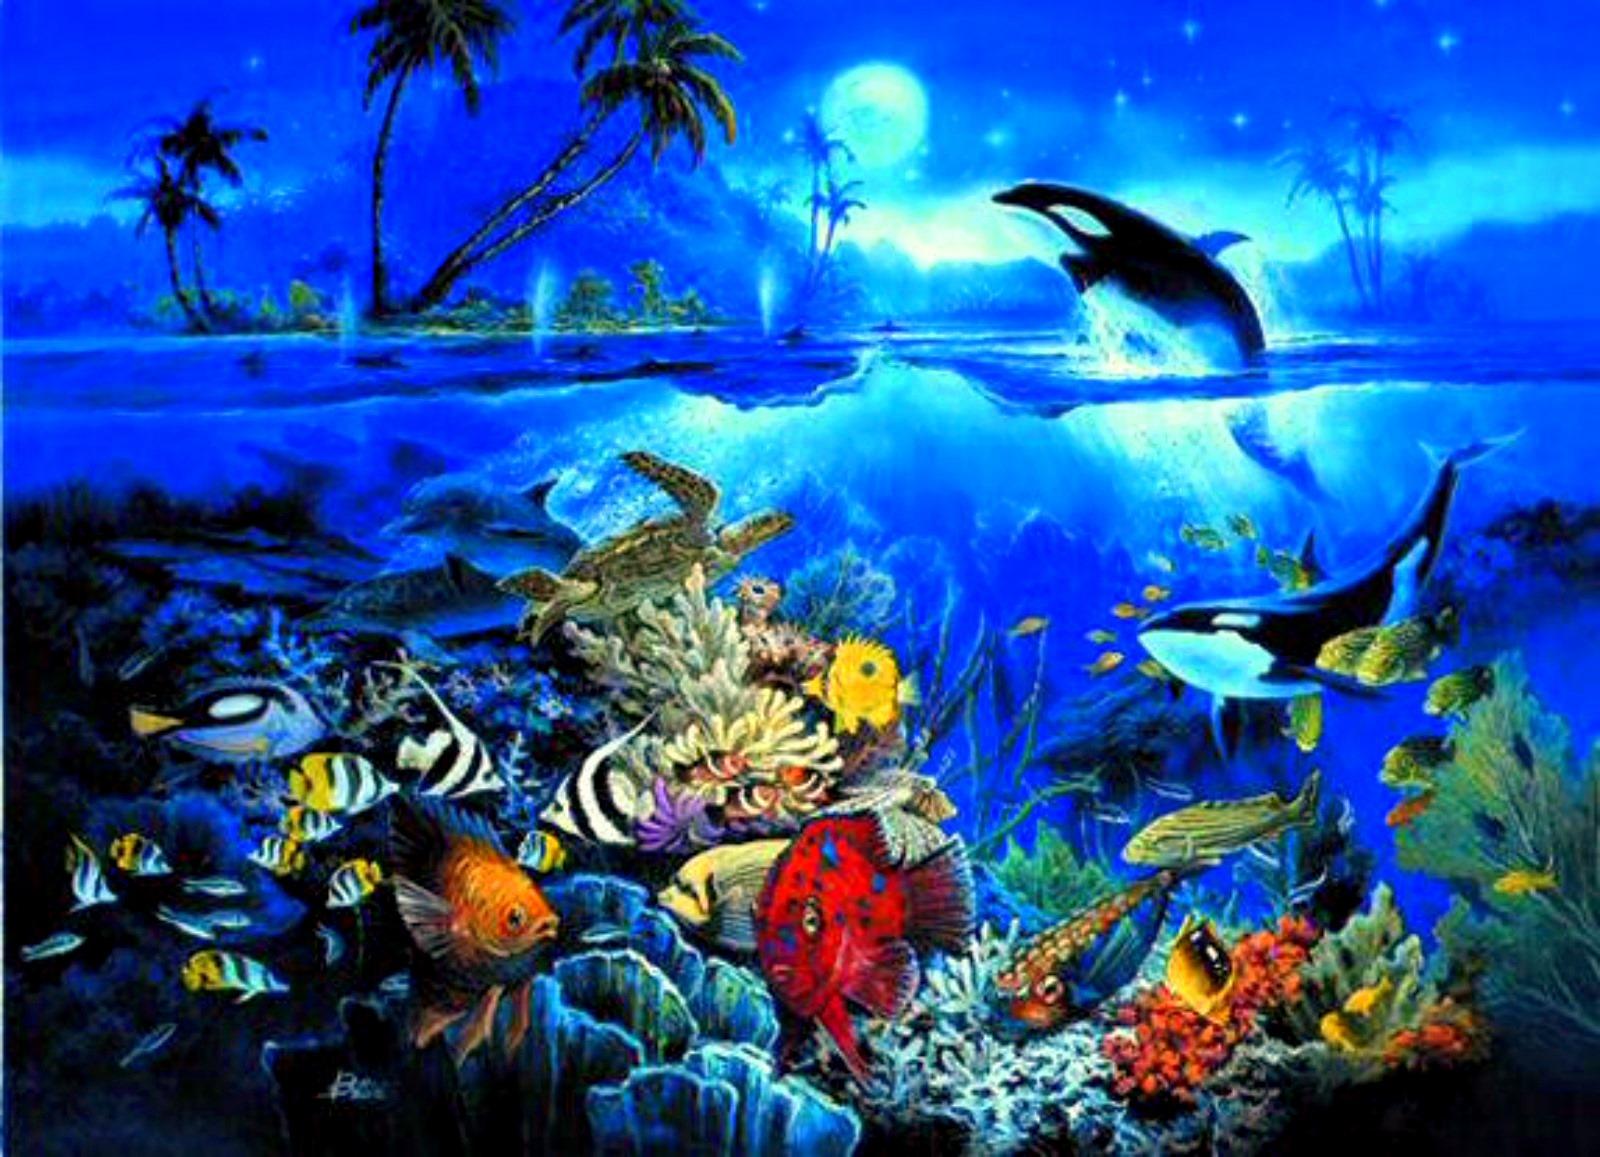 HD Ocean Sea Life Wallpapers - WallpaperSafari  Hd